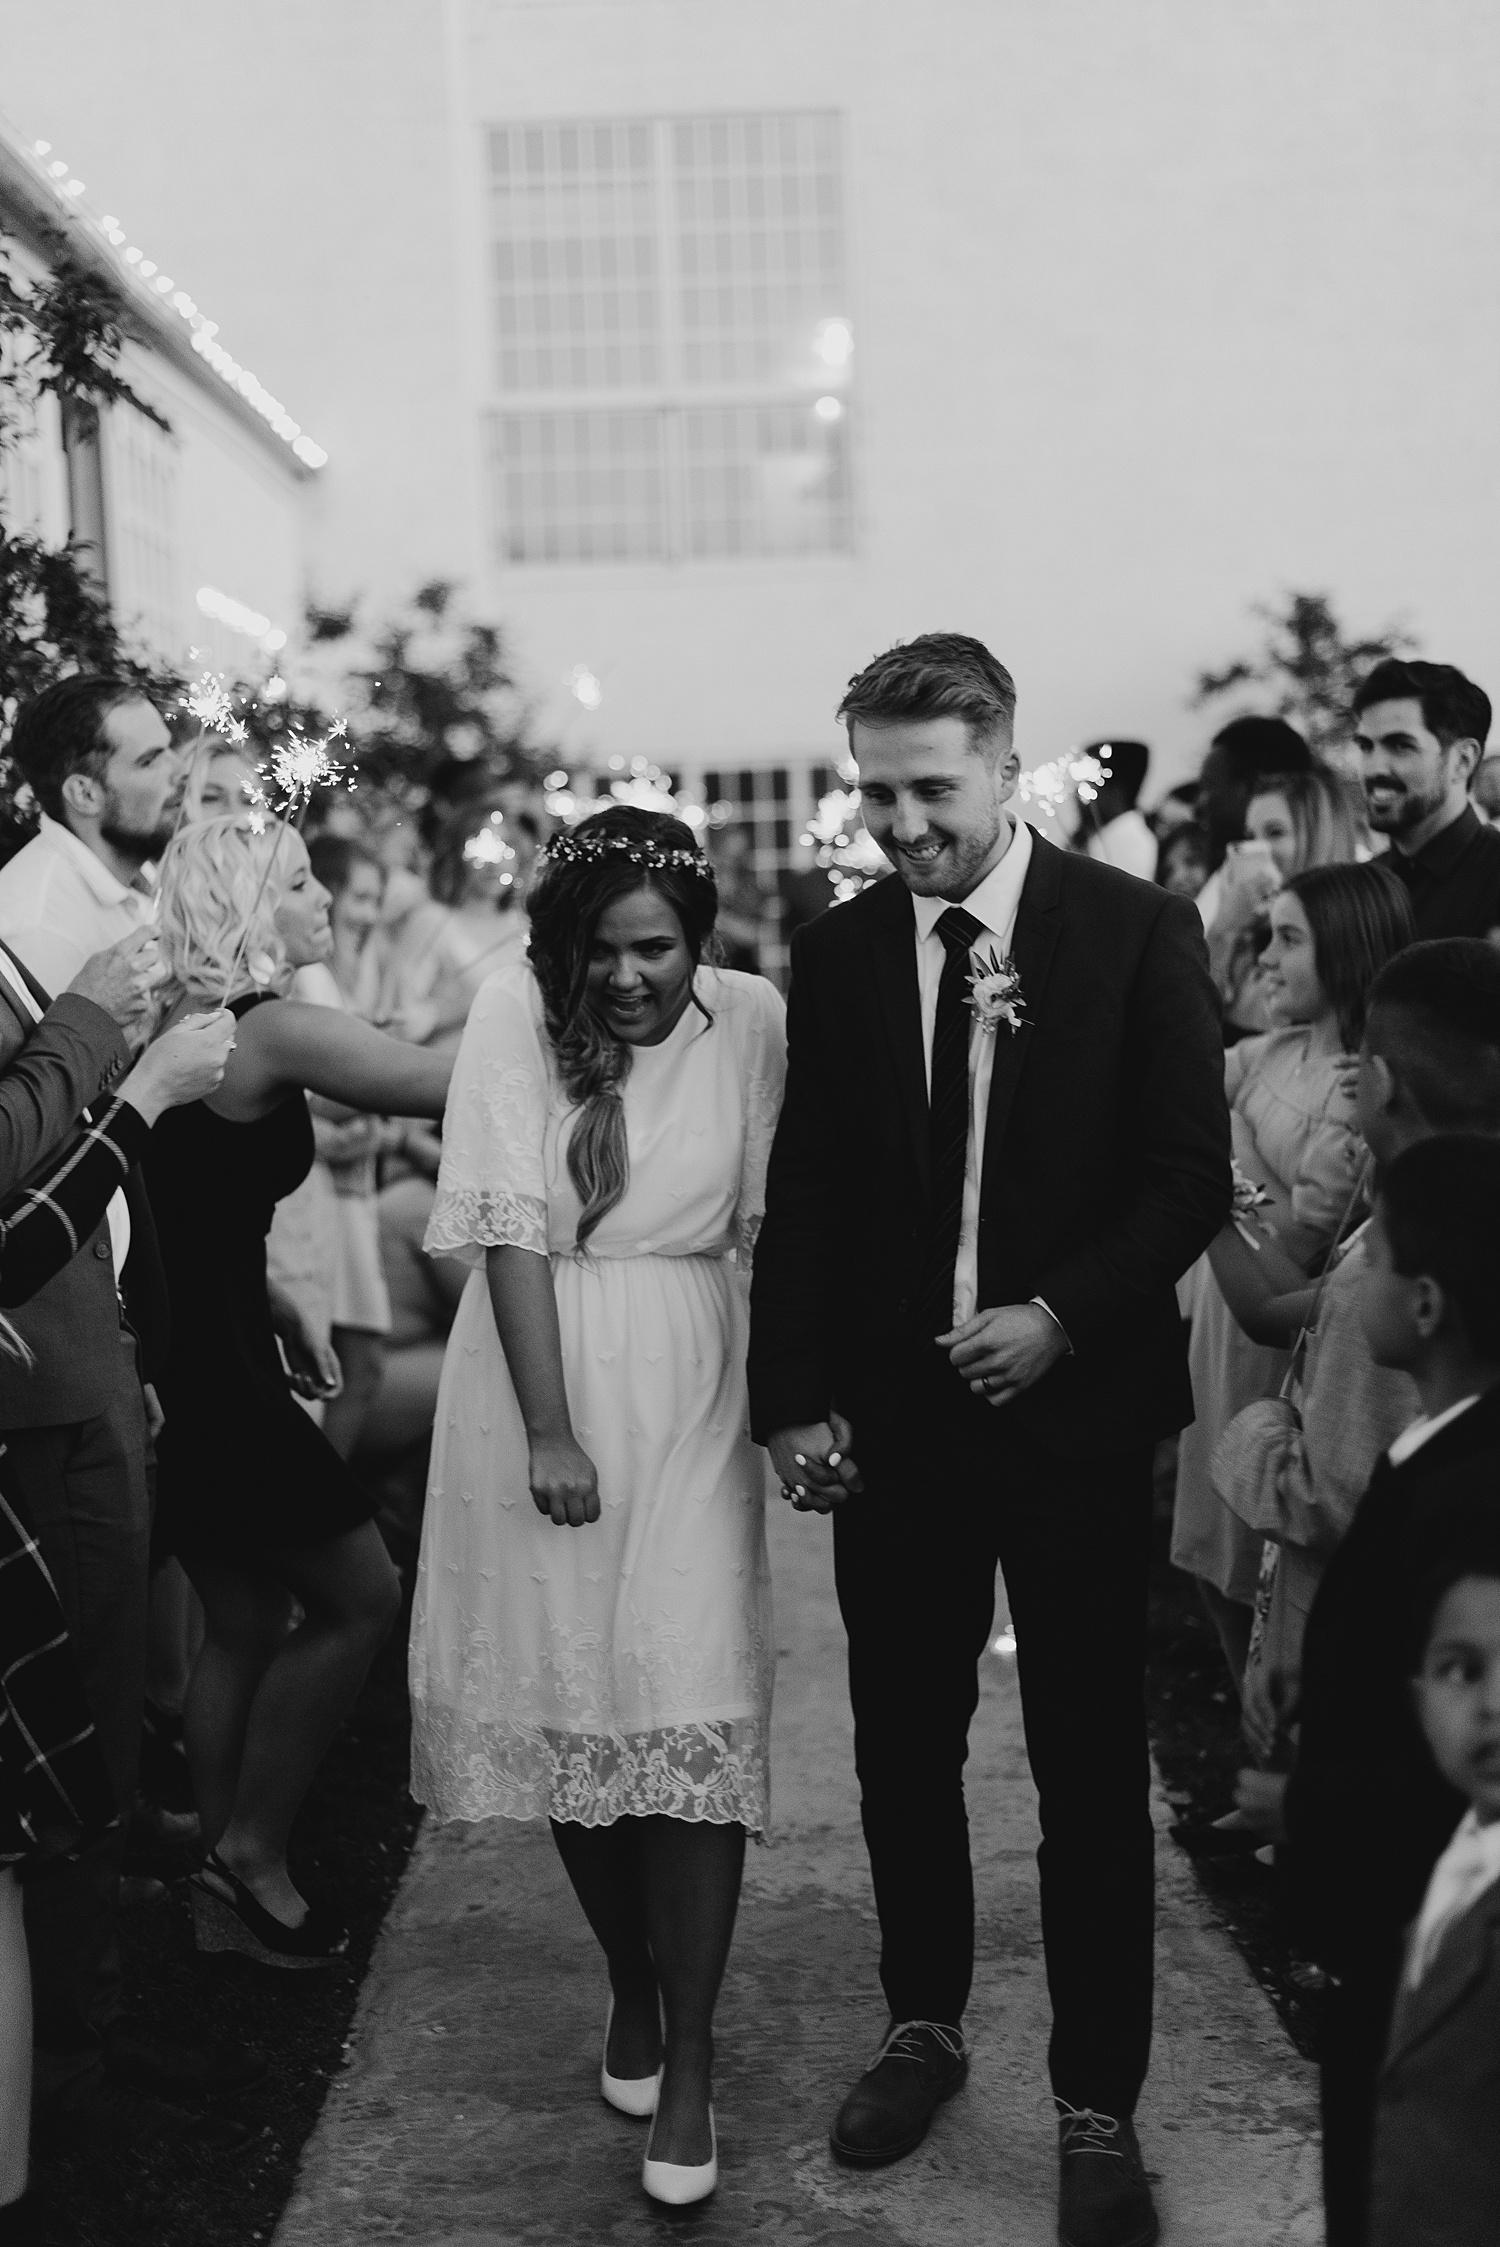 Zandra Barriga Photo - Dallas and Megan Wedding_0097.jpg